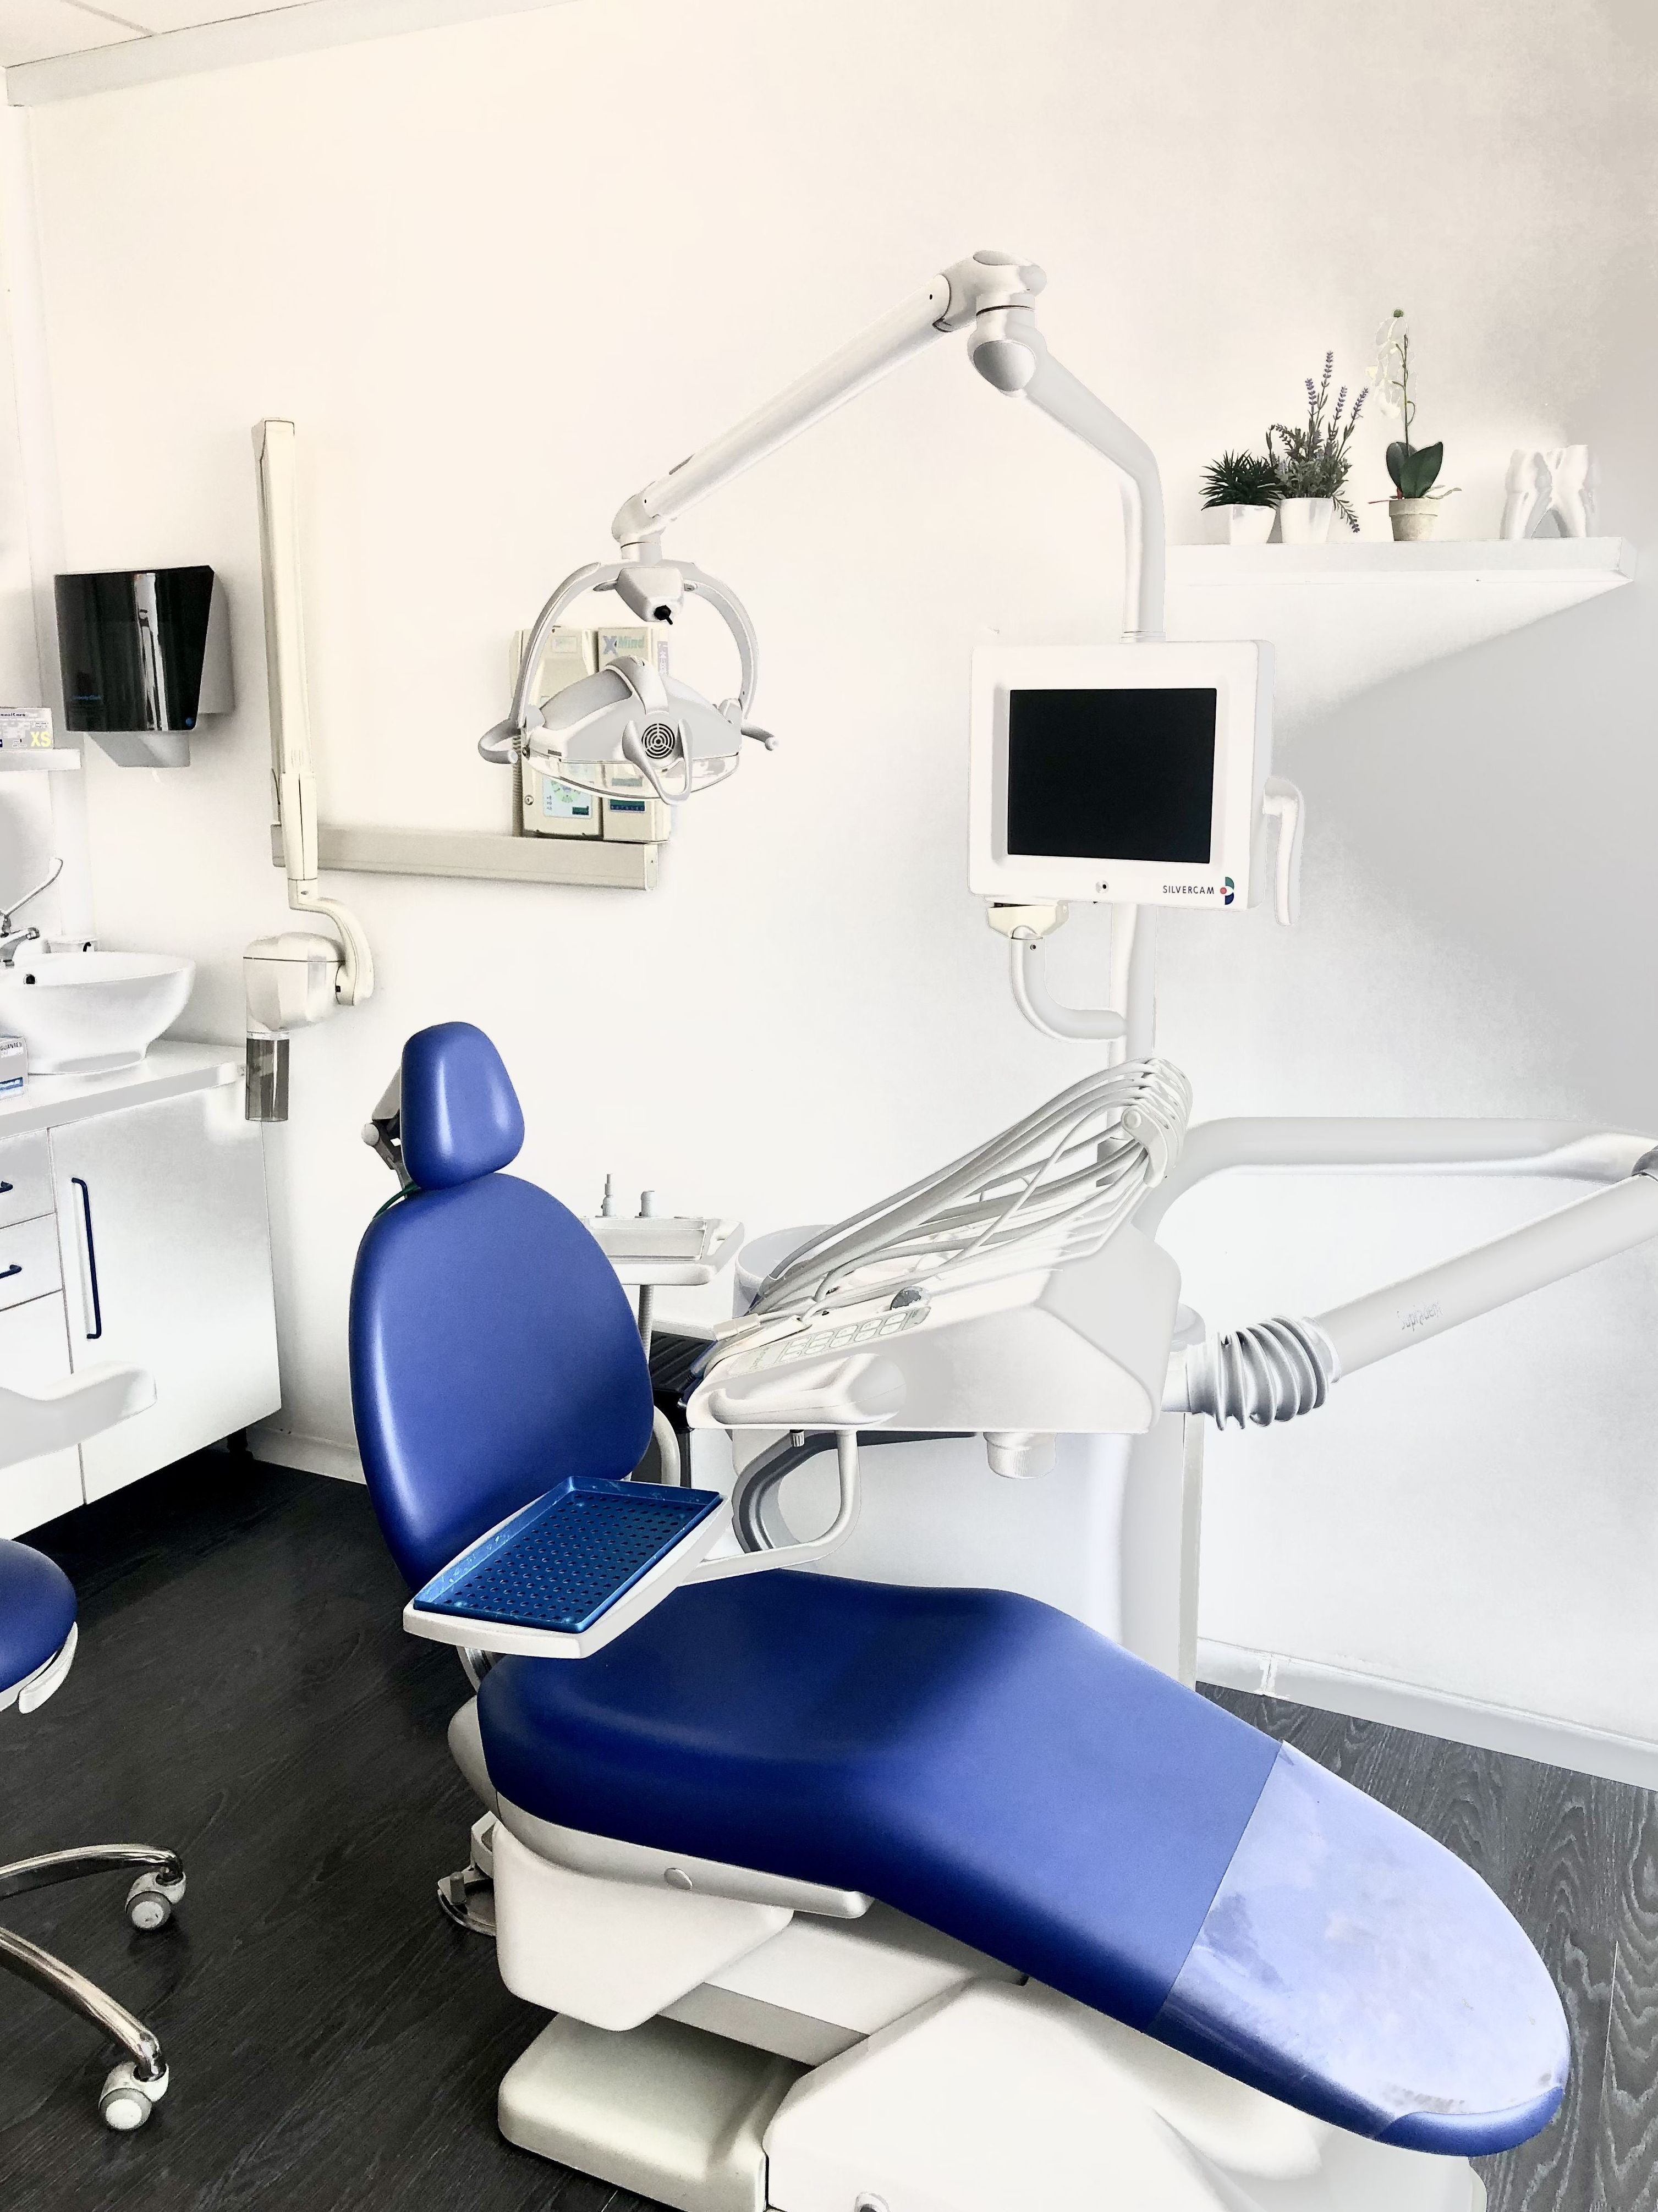 En Cliesdent somos especialistas en implantología